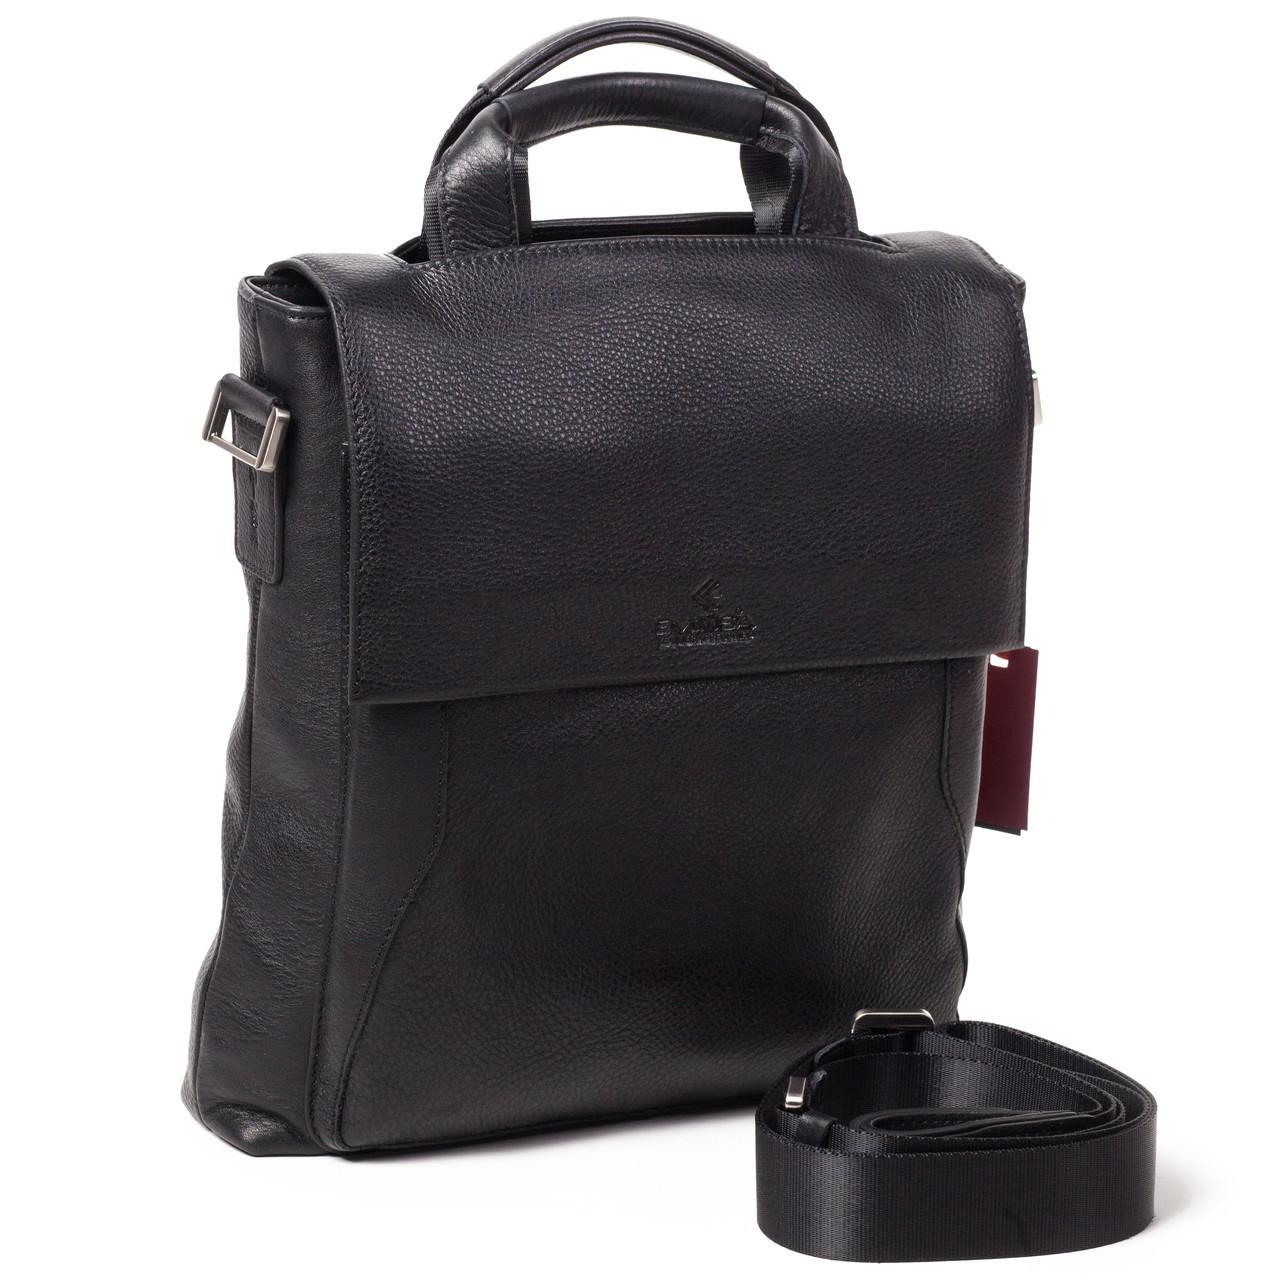 Мужская сумка Eminsa 6019-12-1 кожаная черная